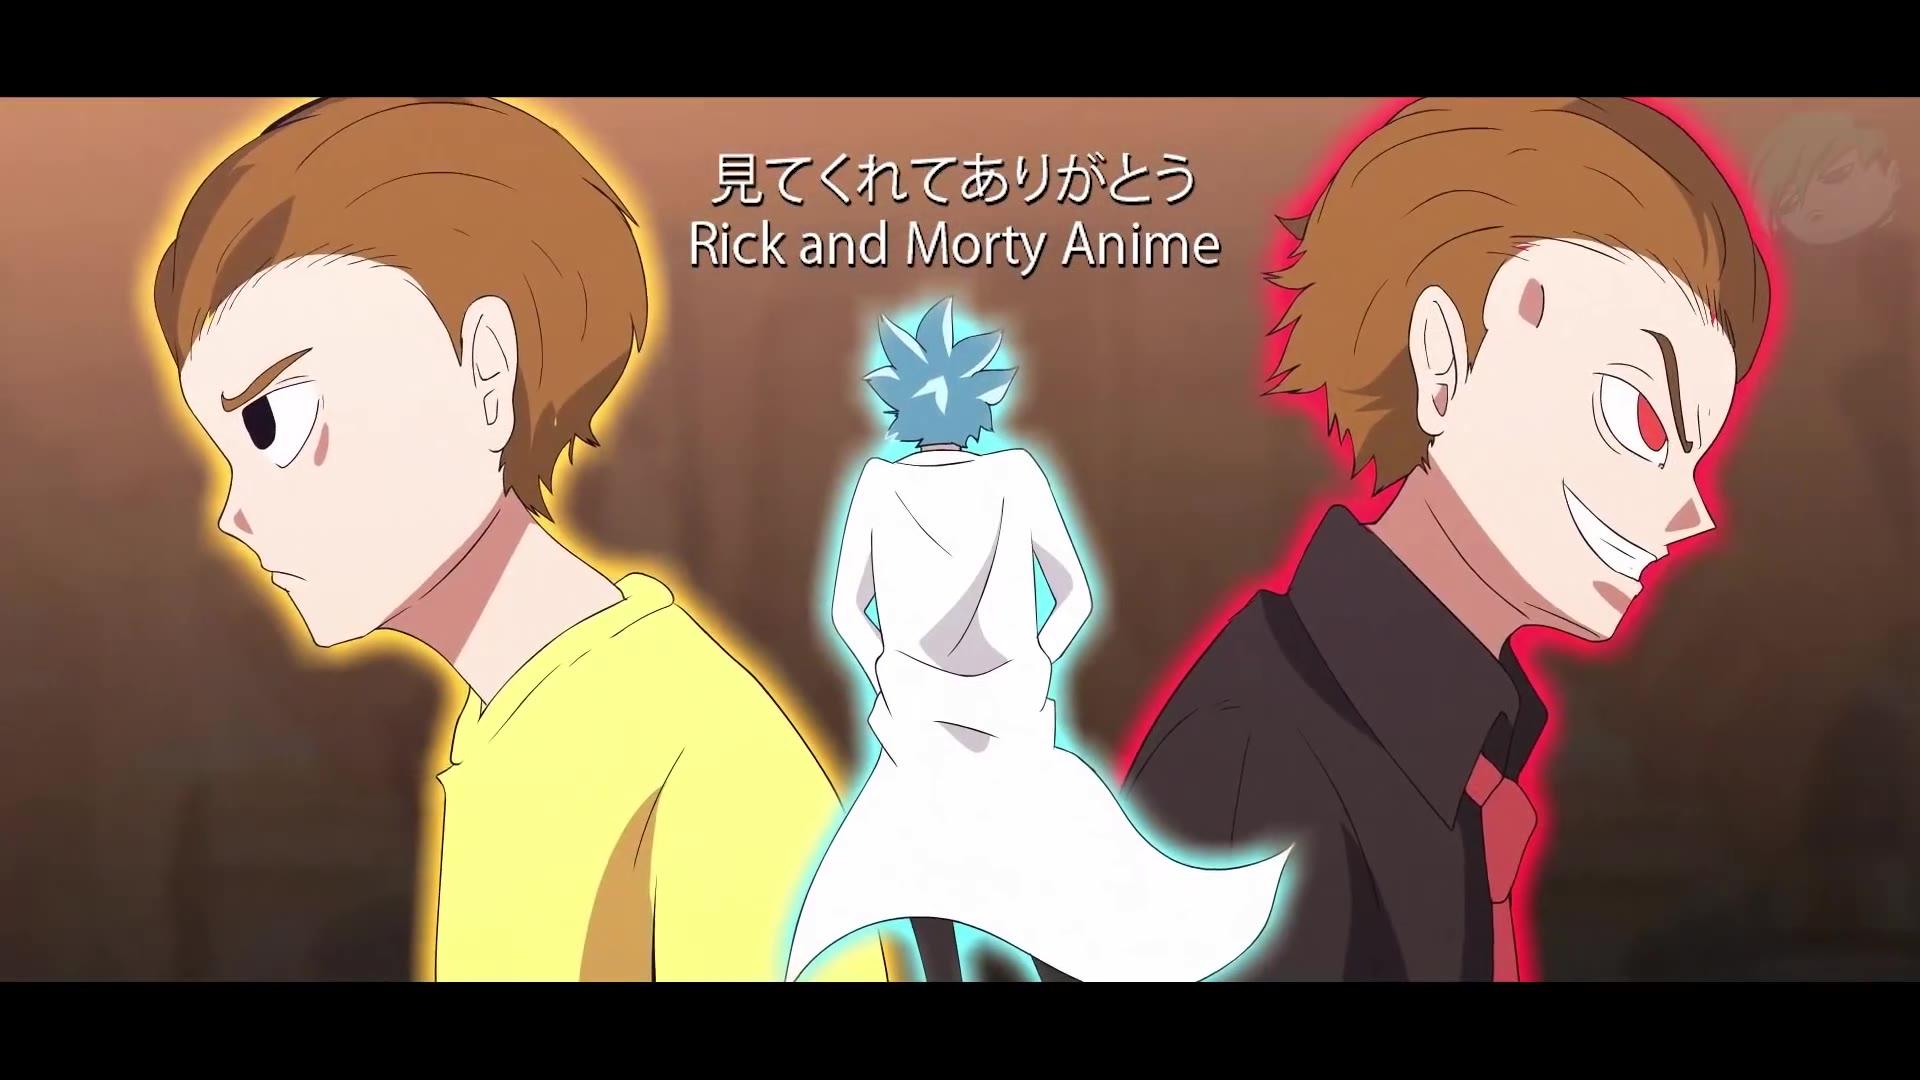 如果瑞克和莫蒂第四季开场动画是日漫风②